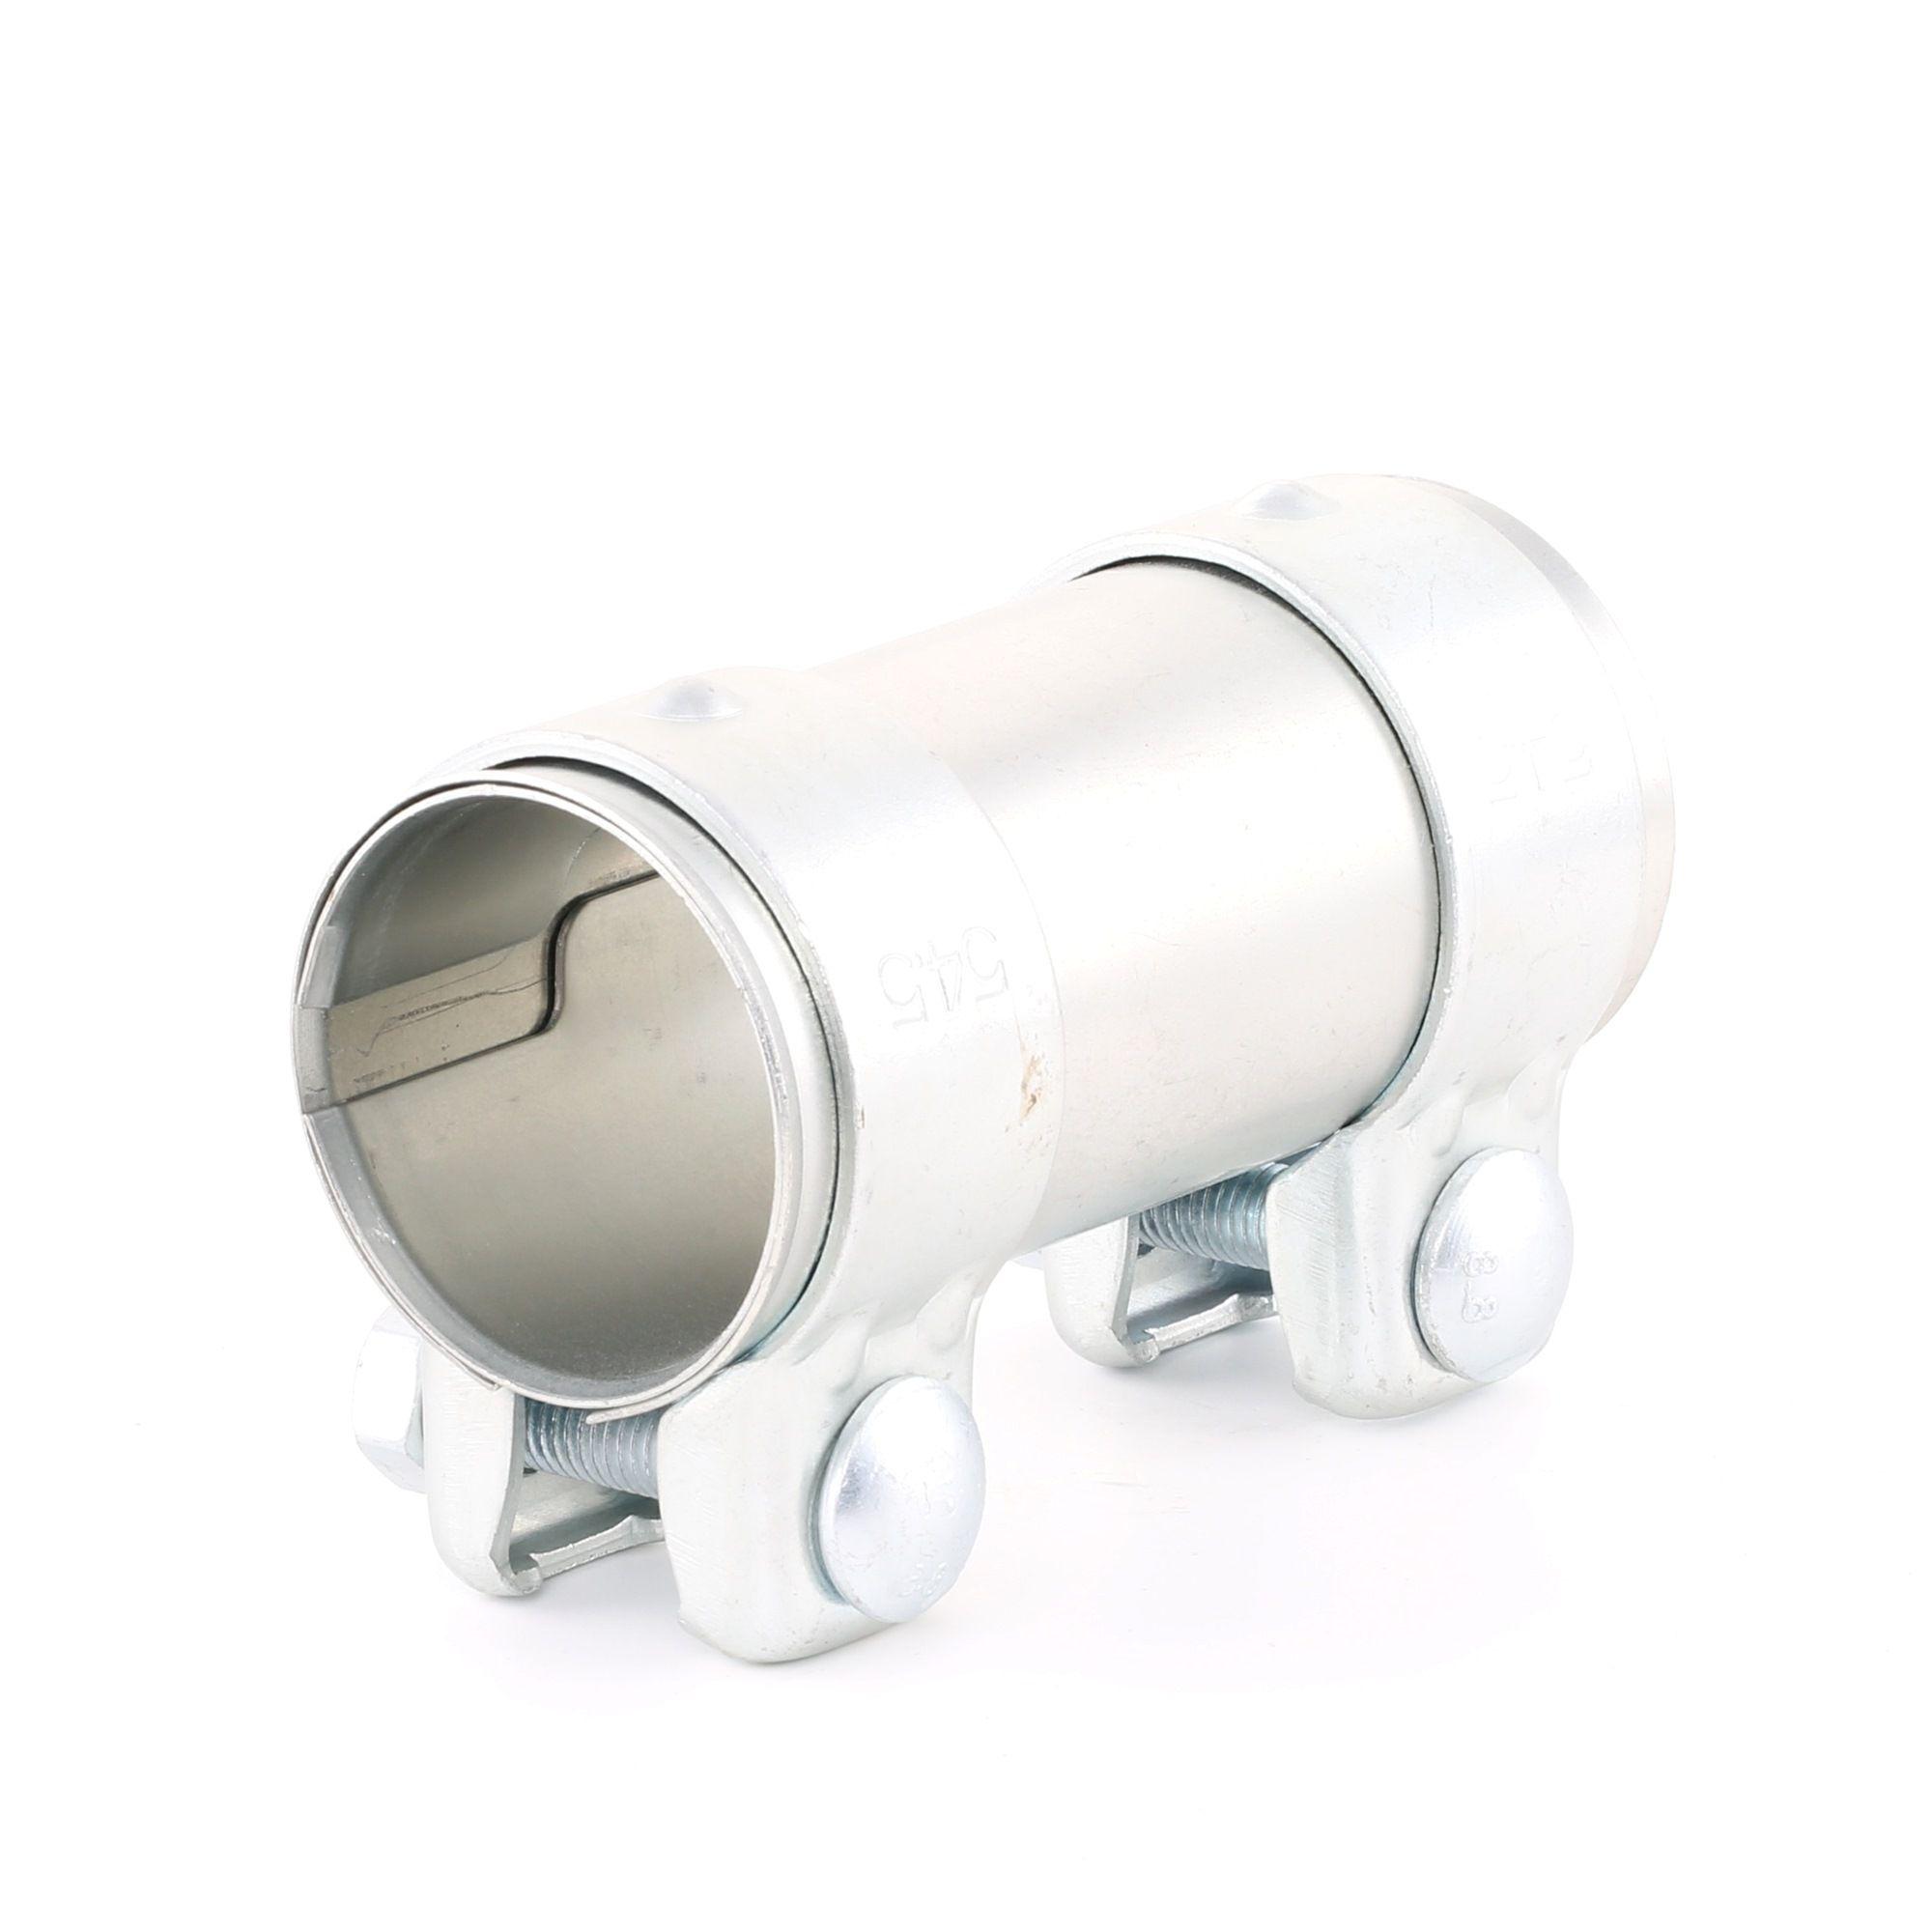 Rohrverbinder, Abgasanlage BOSAL 265-459 Bewertung